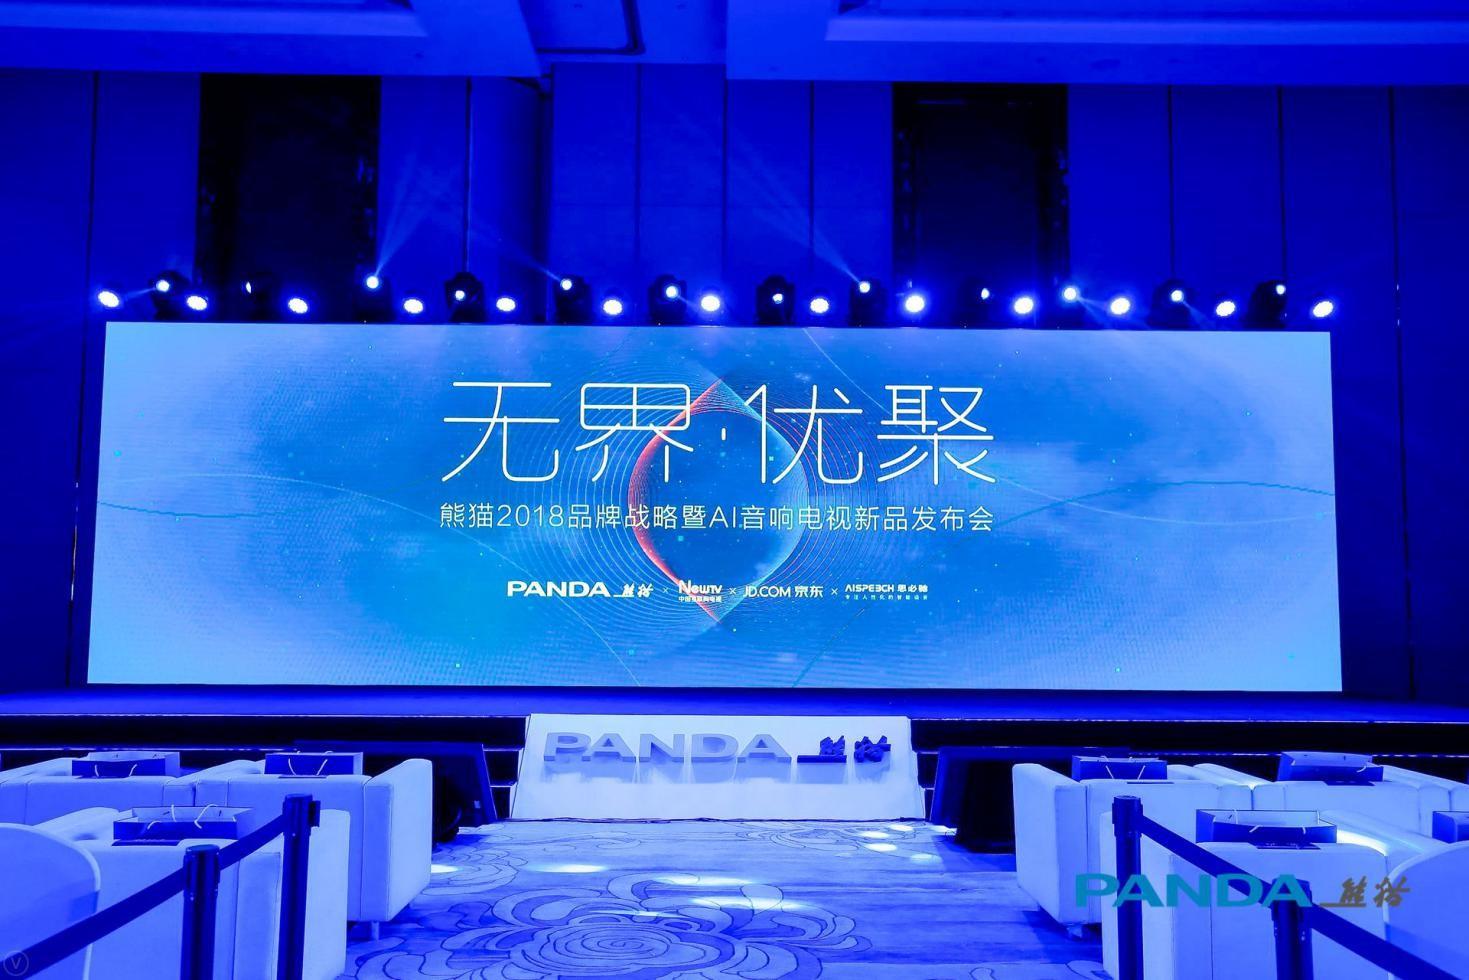 熊猫电视品牌回归 酷系列AI音响电视崭露活力